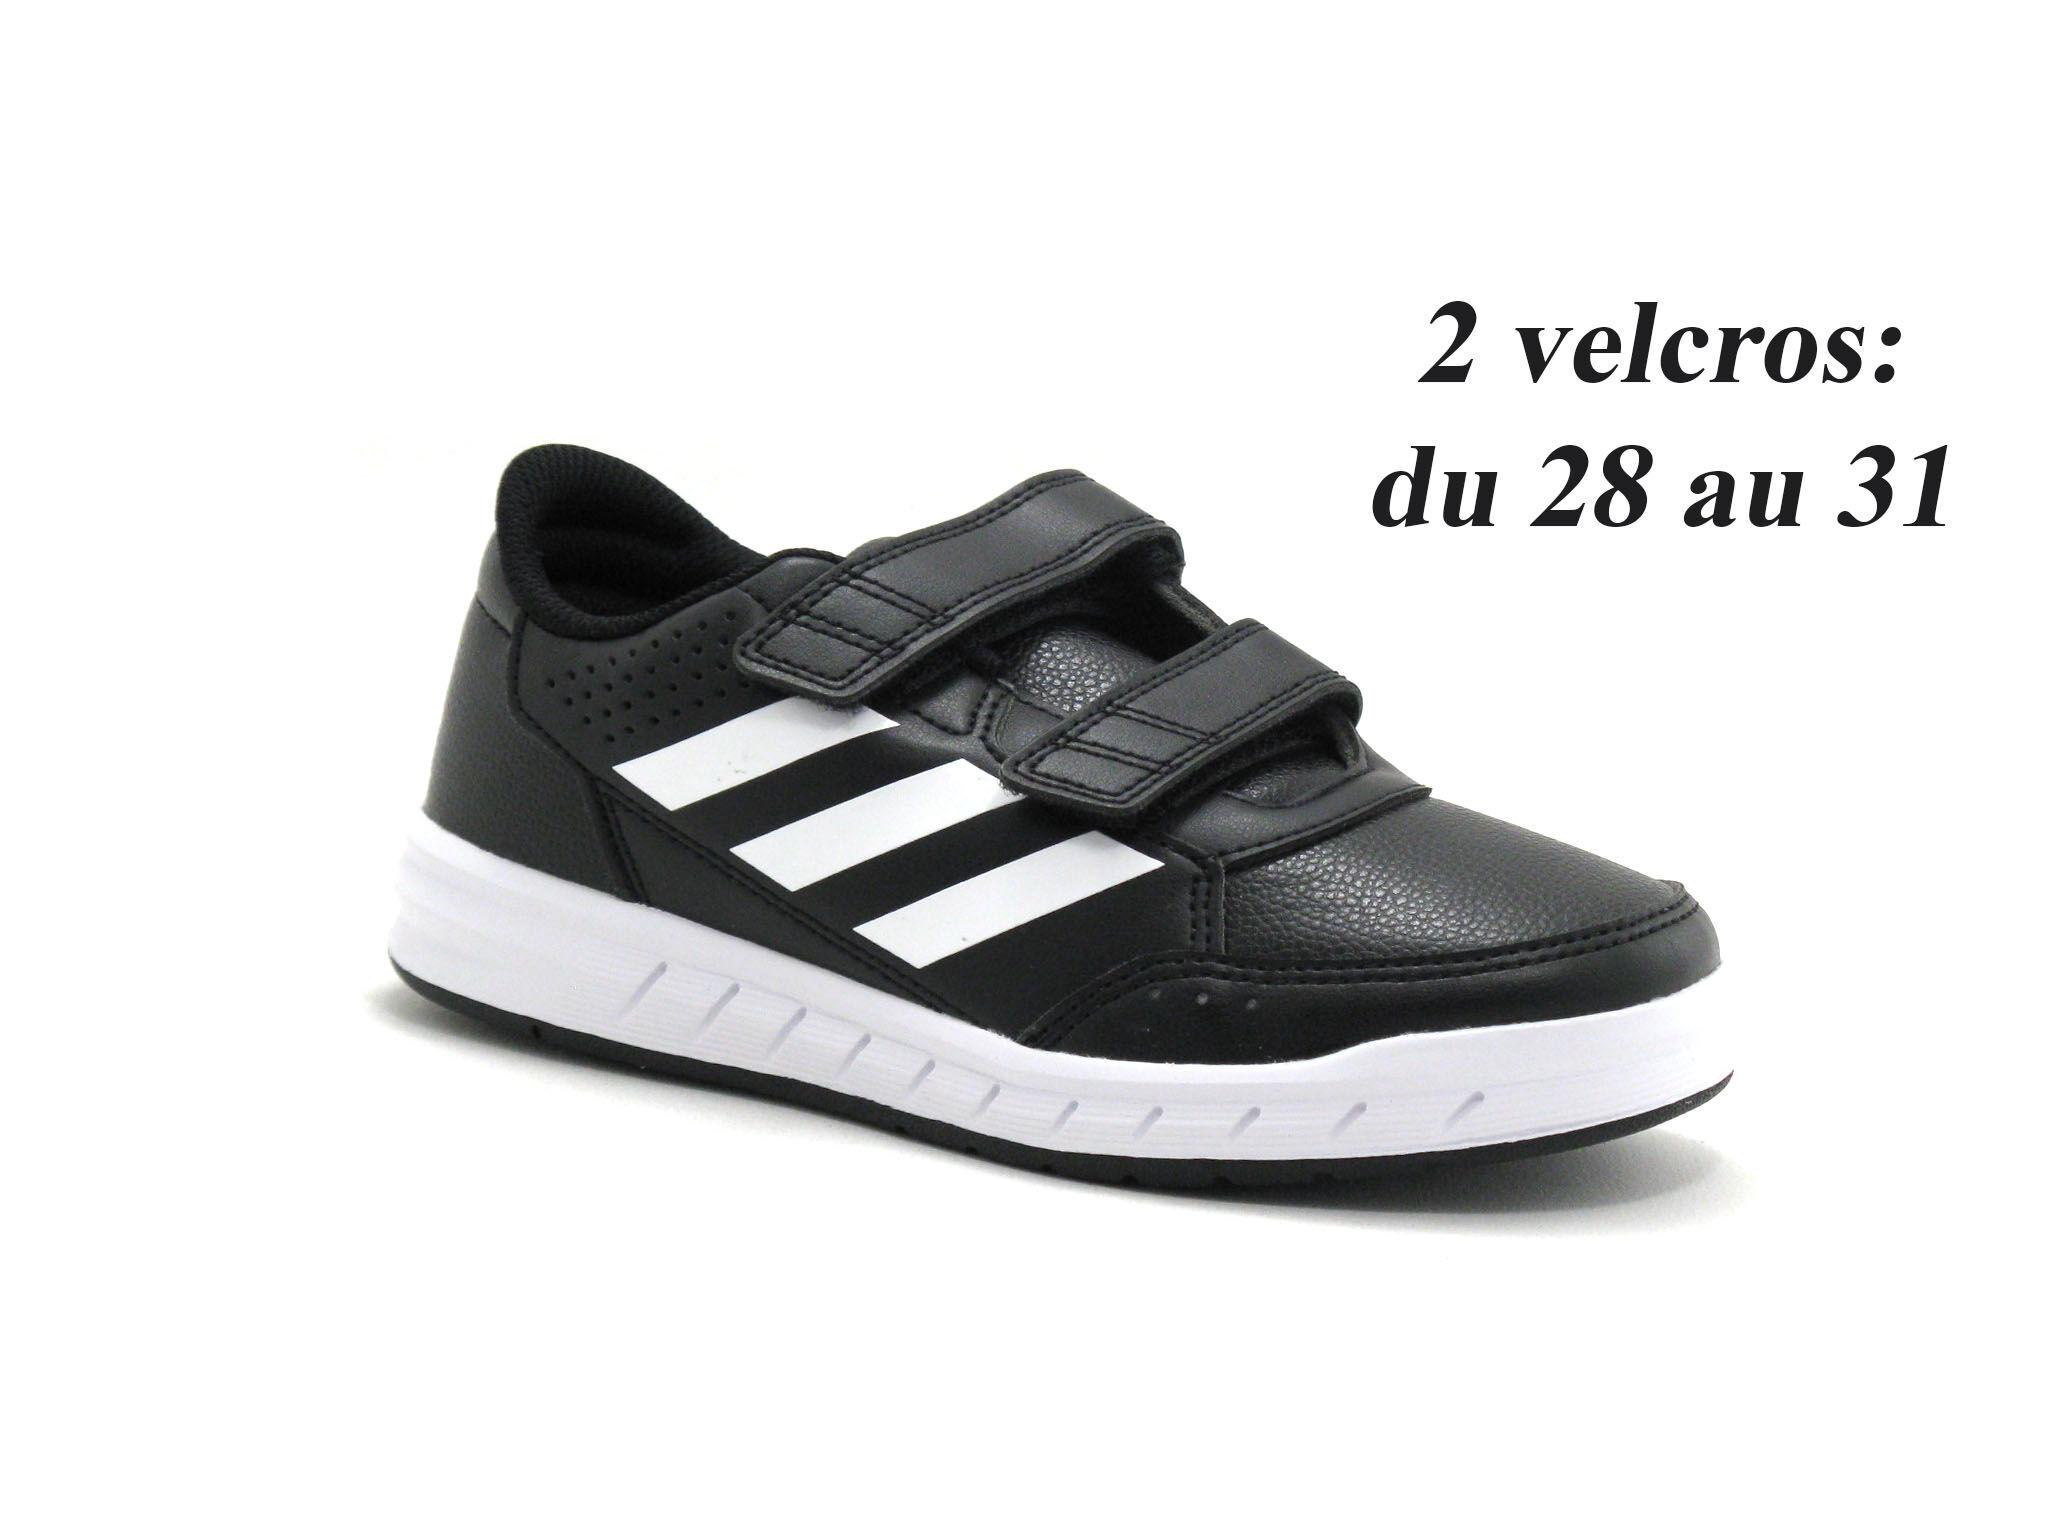 Adidas Basket Enfant Adidas - Noir - Point. 28,29,30,31,32,33,34,35